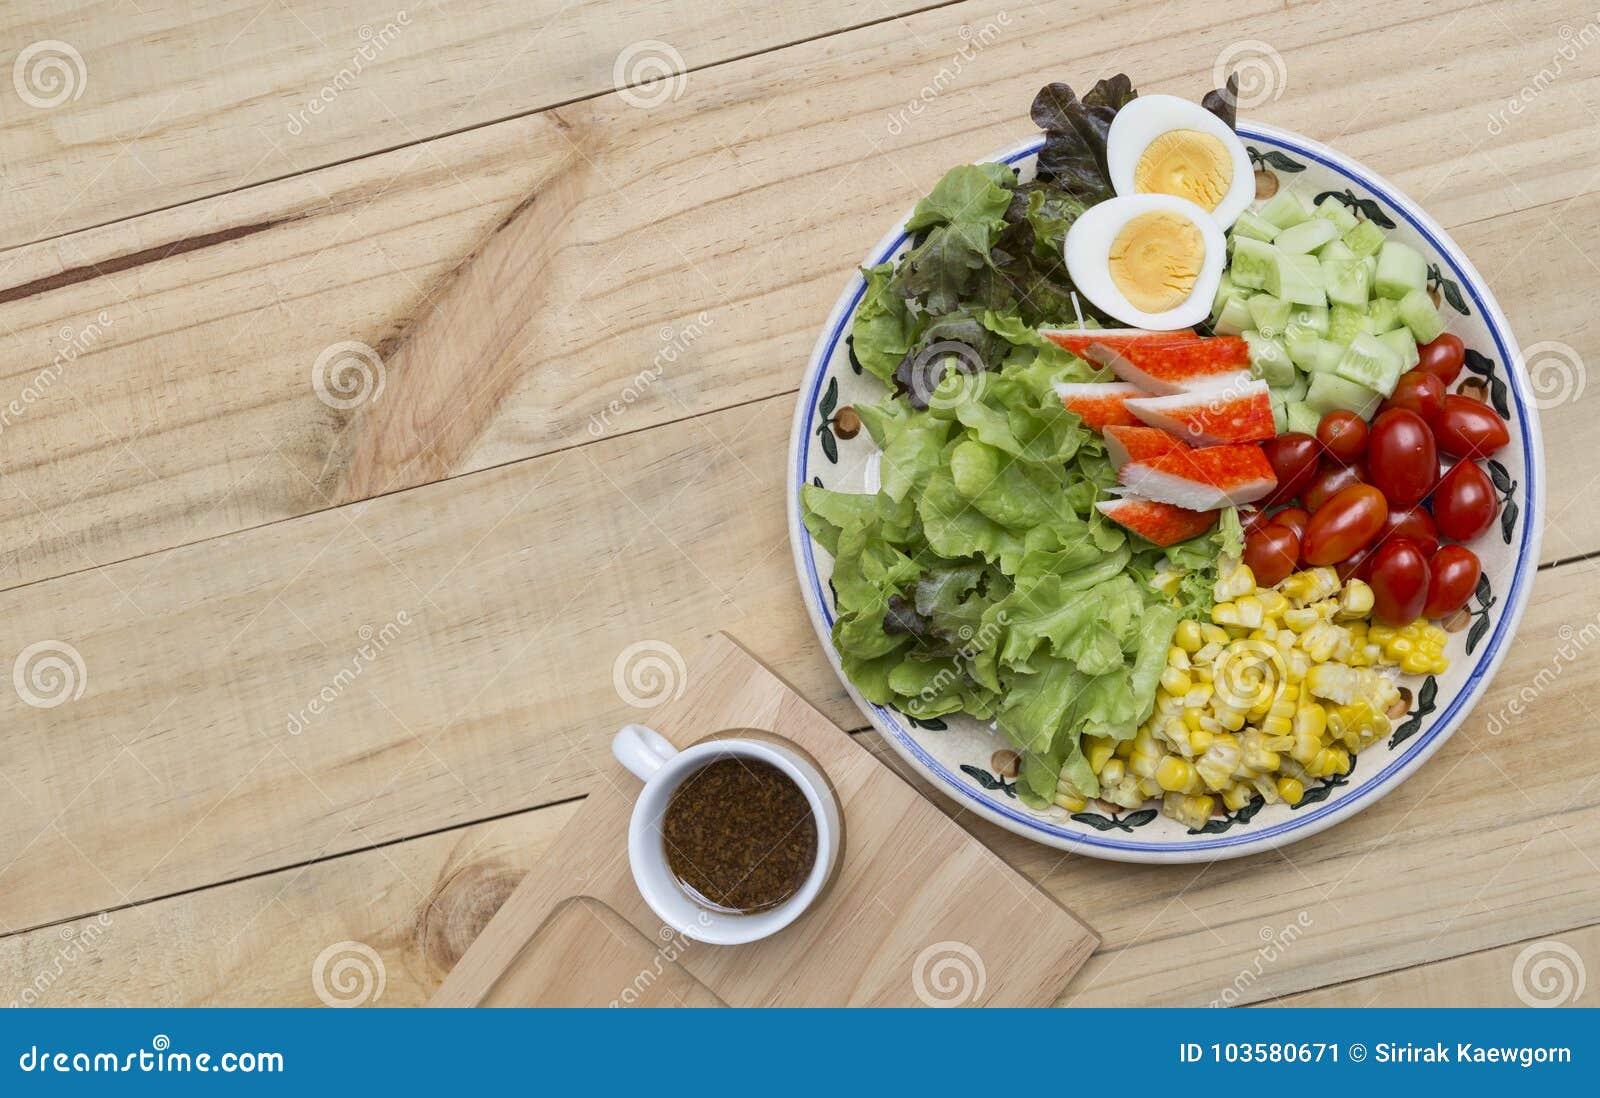 Η έννοια υγιών και τροφίμων διατροφής, φρέσκο μικτό λαχανικό με βράζει τη σαλάτα ραβδιών αυγών και καβουριών με την ιαπωνική σάλτ